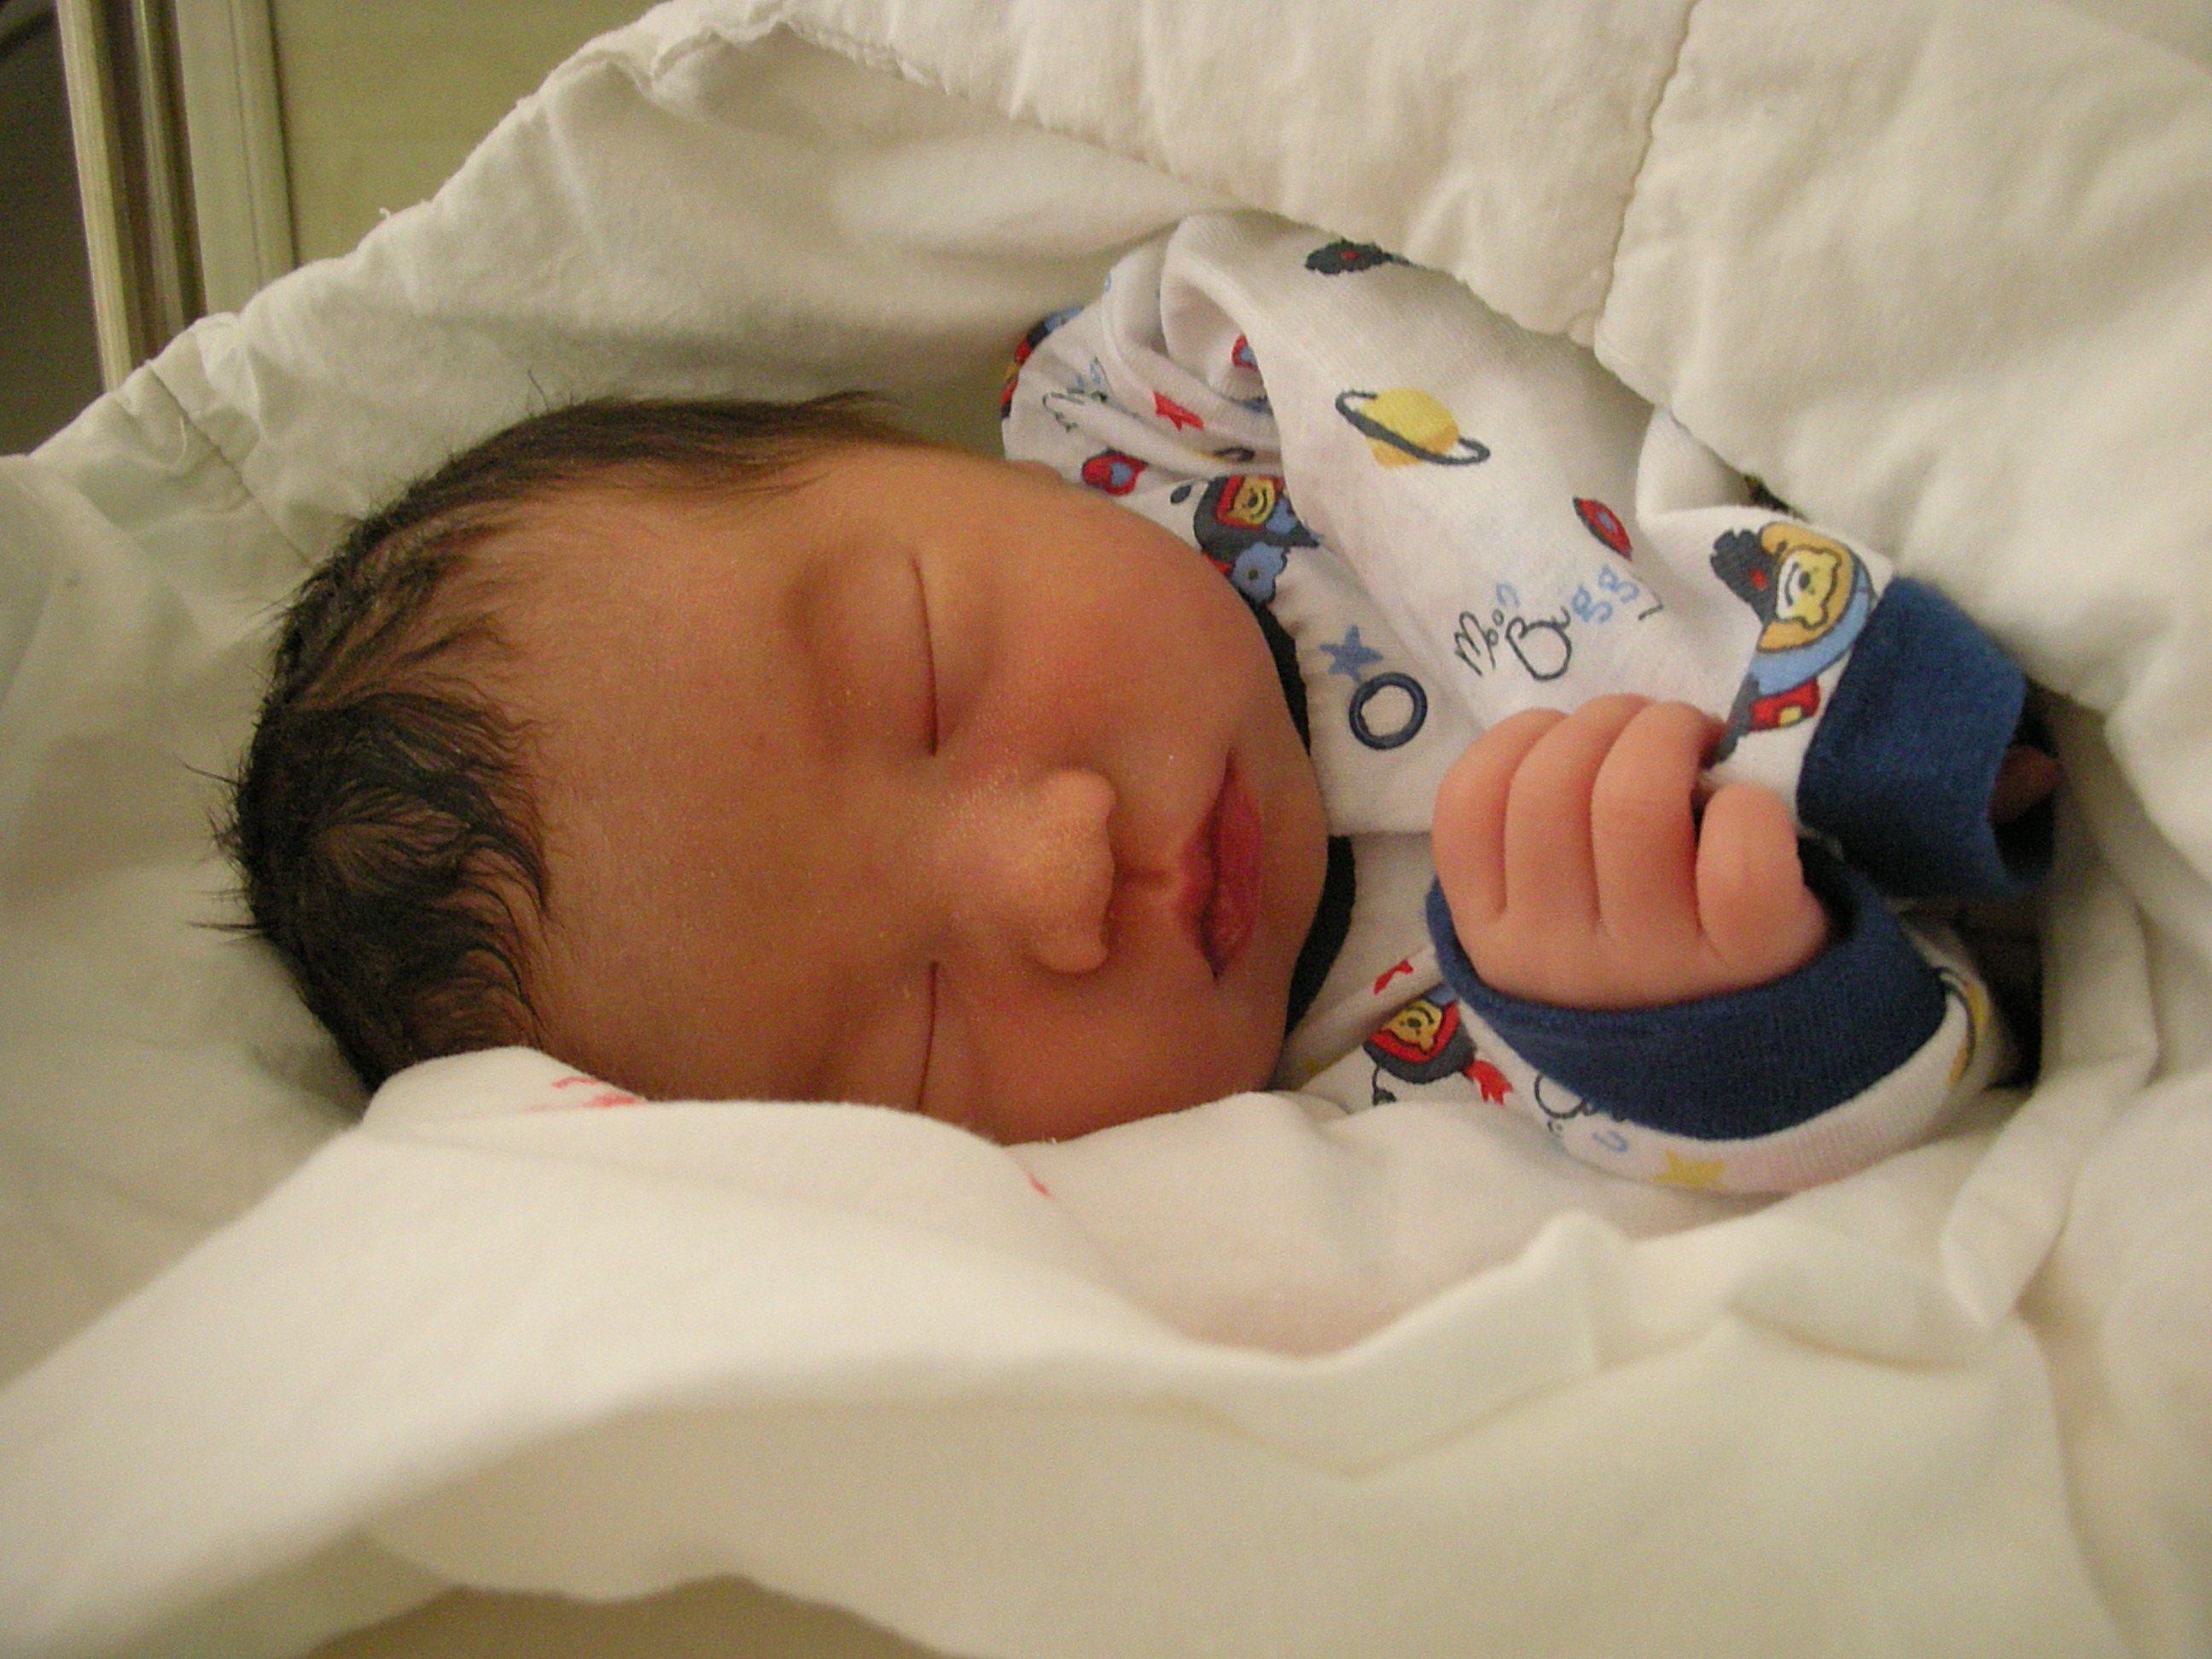 嘟嘟的嘟嘴巴;; 出生五天的洗澡照片和今天照片对比图!; 宝宝照片;